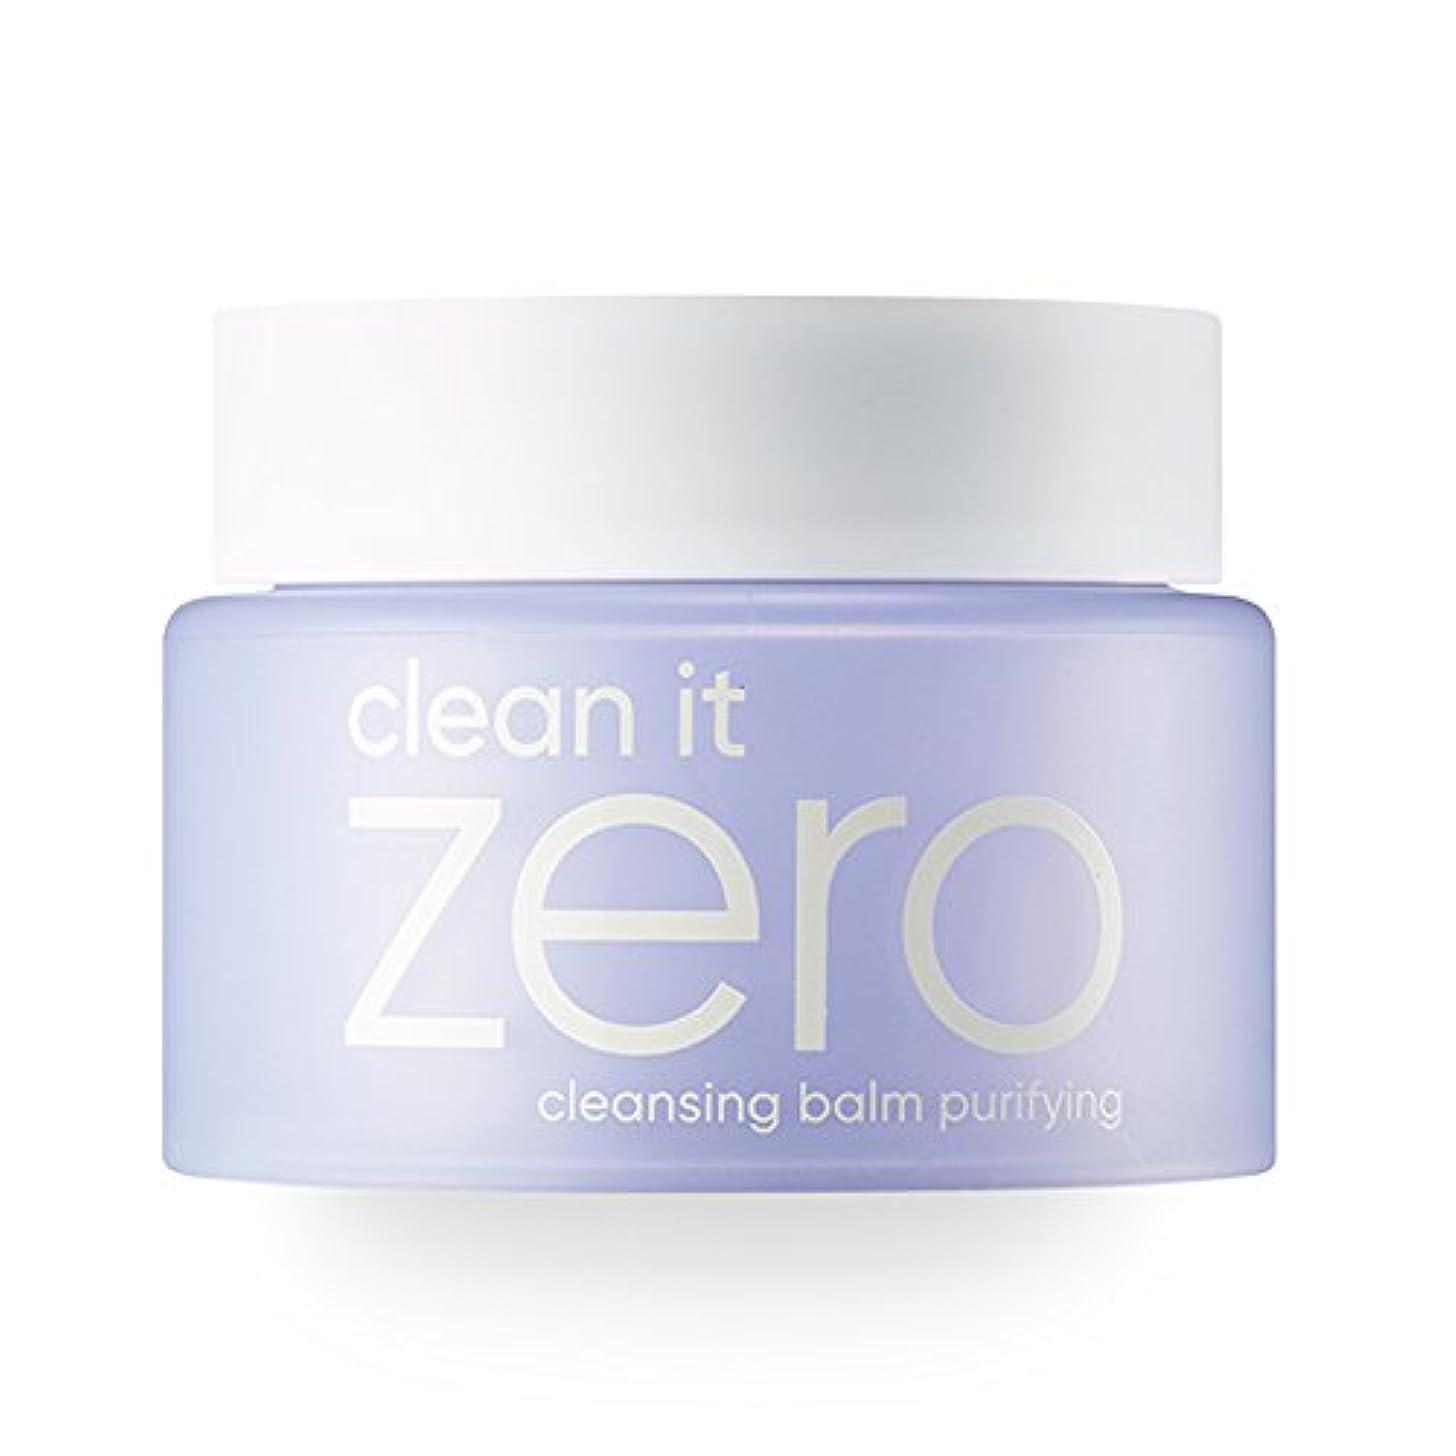 イサカセミナーシリングBANILA CO(バニラコ) クリーン イット ゼロ クレンジング バーム ピュリファイング Clean It Zero Purifying